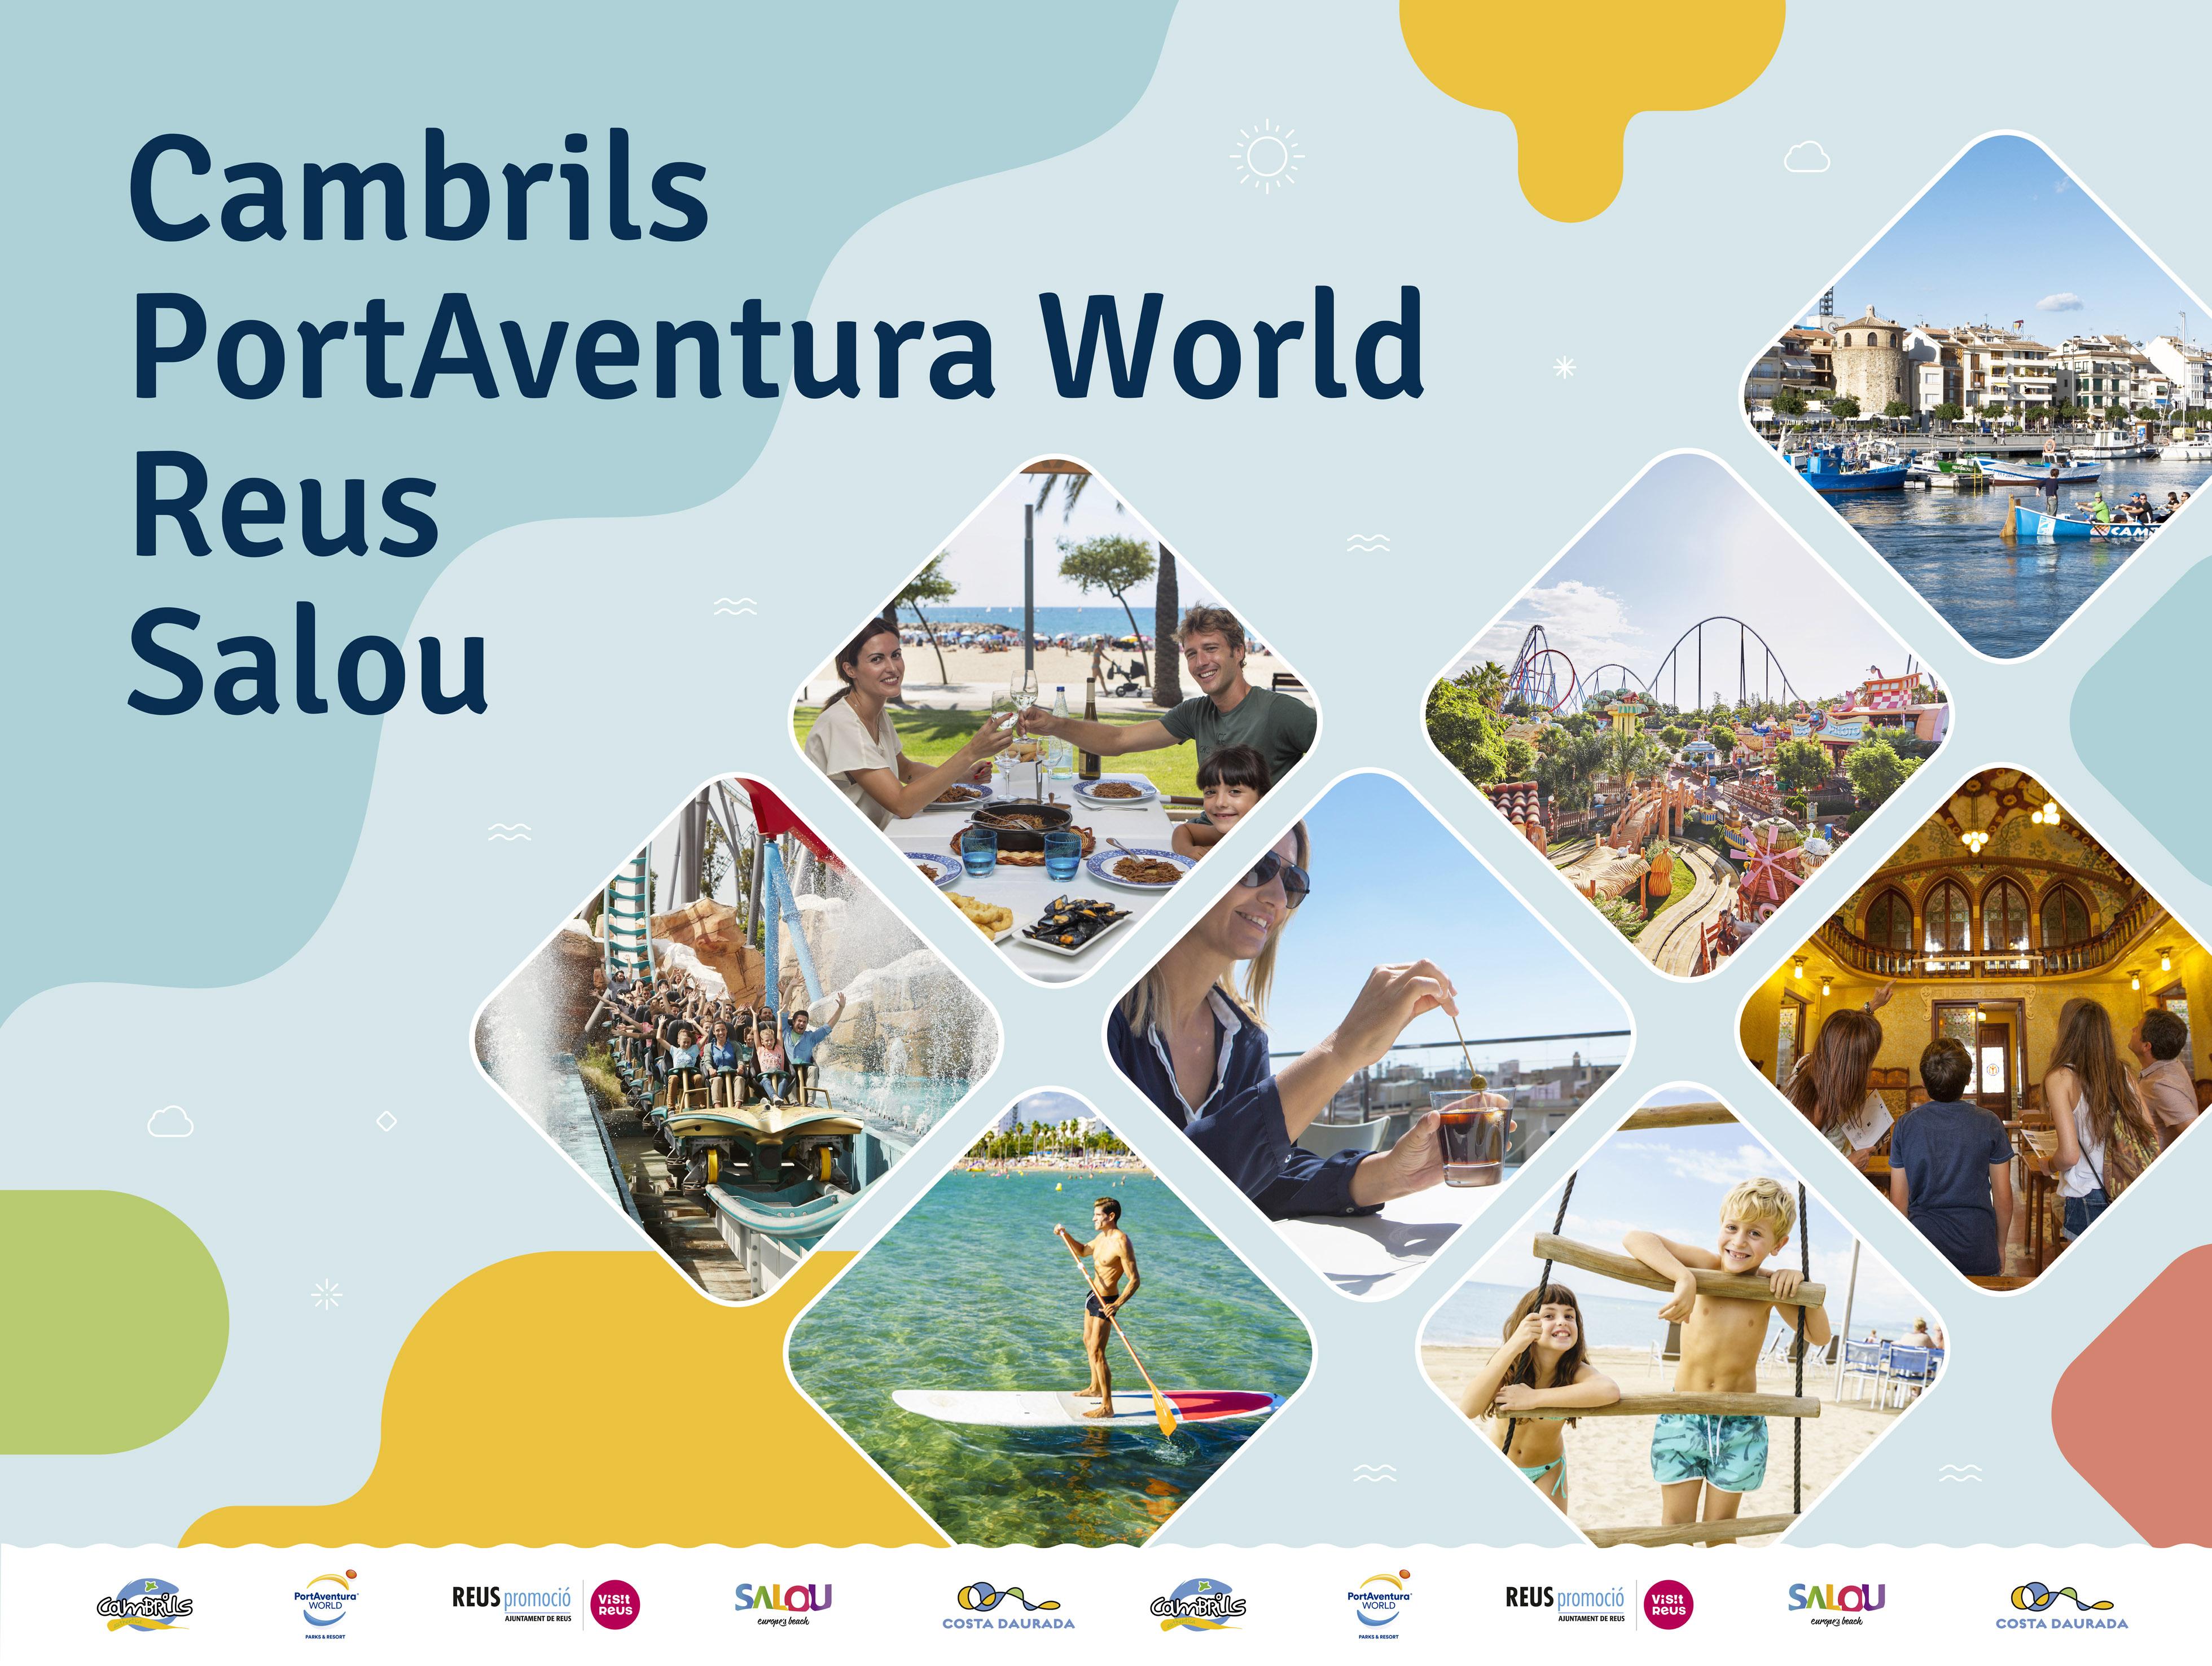 Salou Cambrils Reus Y Portaventura World Dan A Conocer Su Oferta A Sevatur La Feria De Las Vacaciones Del País Vasco Promoción Turística